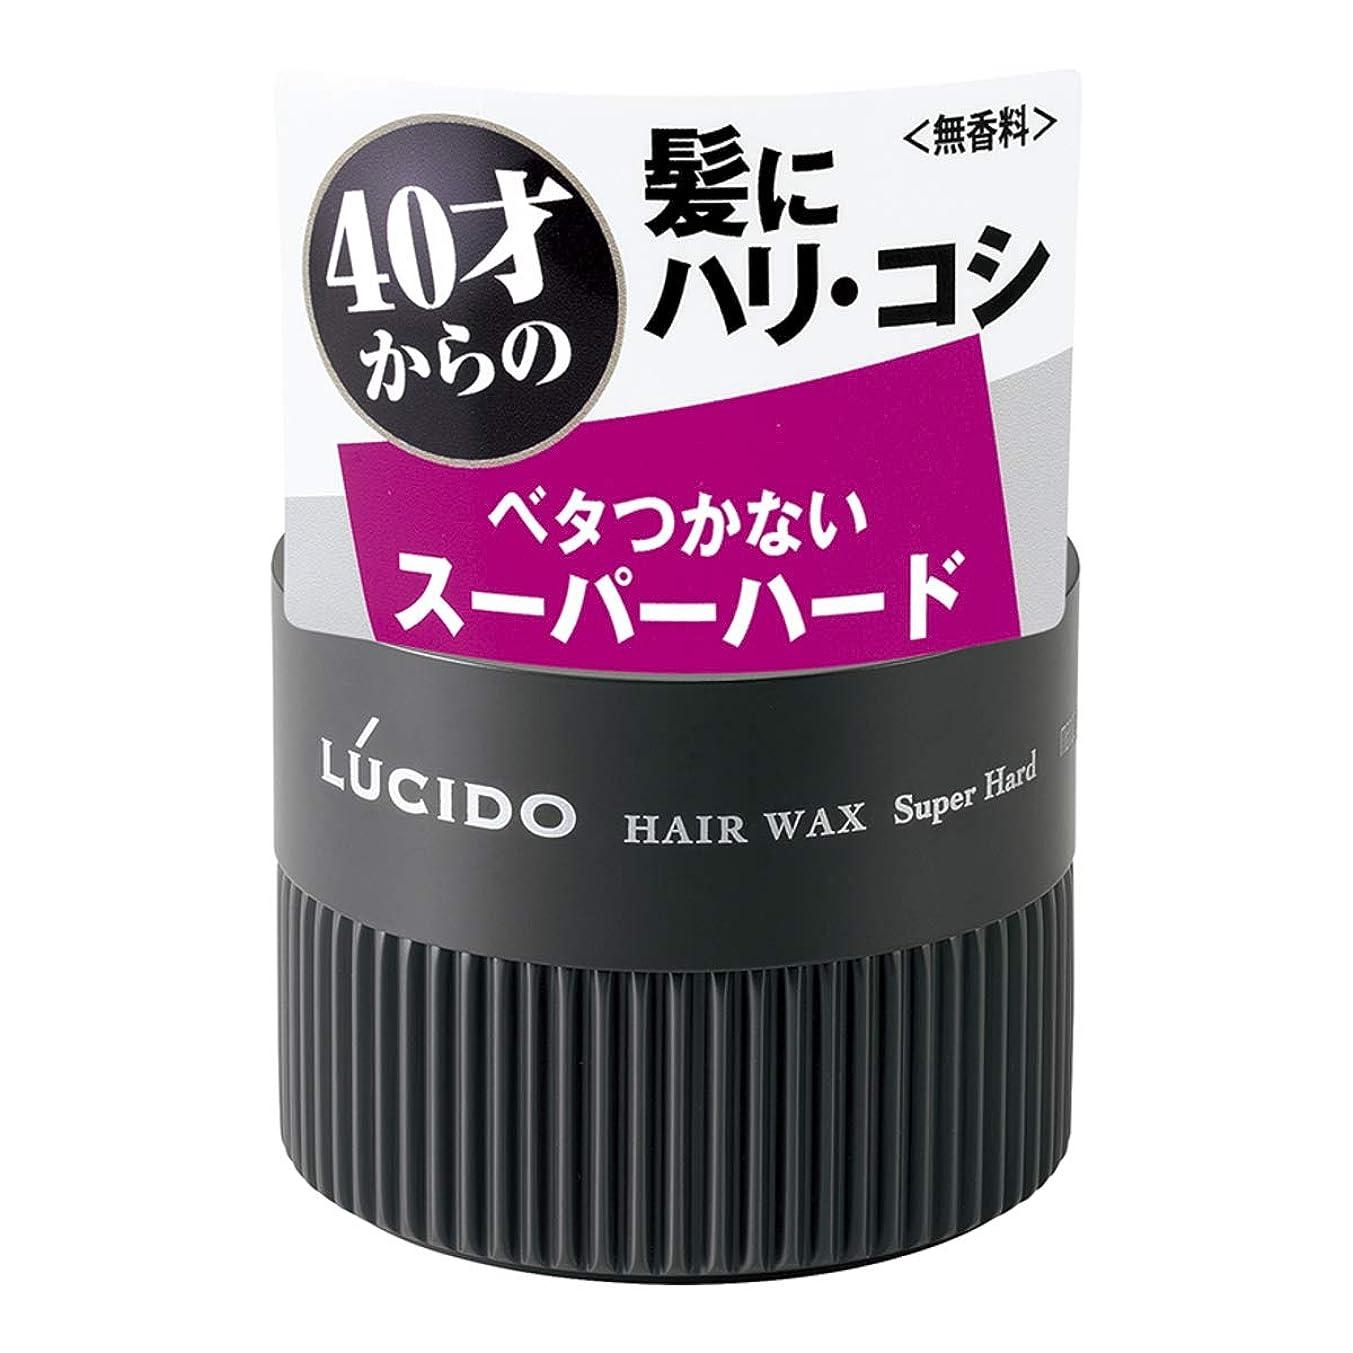 提案添付有料LUCIDO(ルシード) ヘアワックス スーパーハード 80g